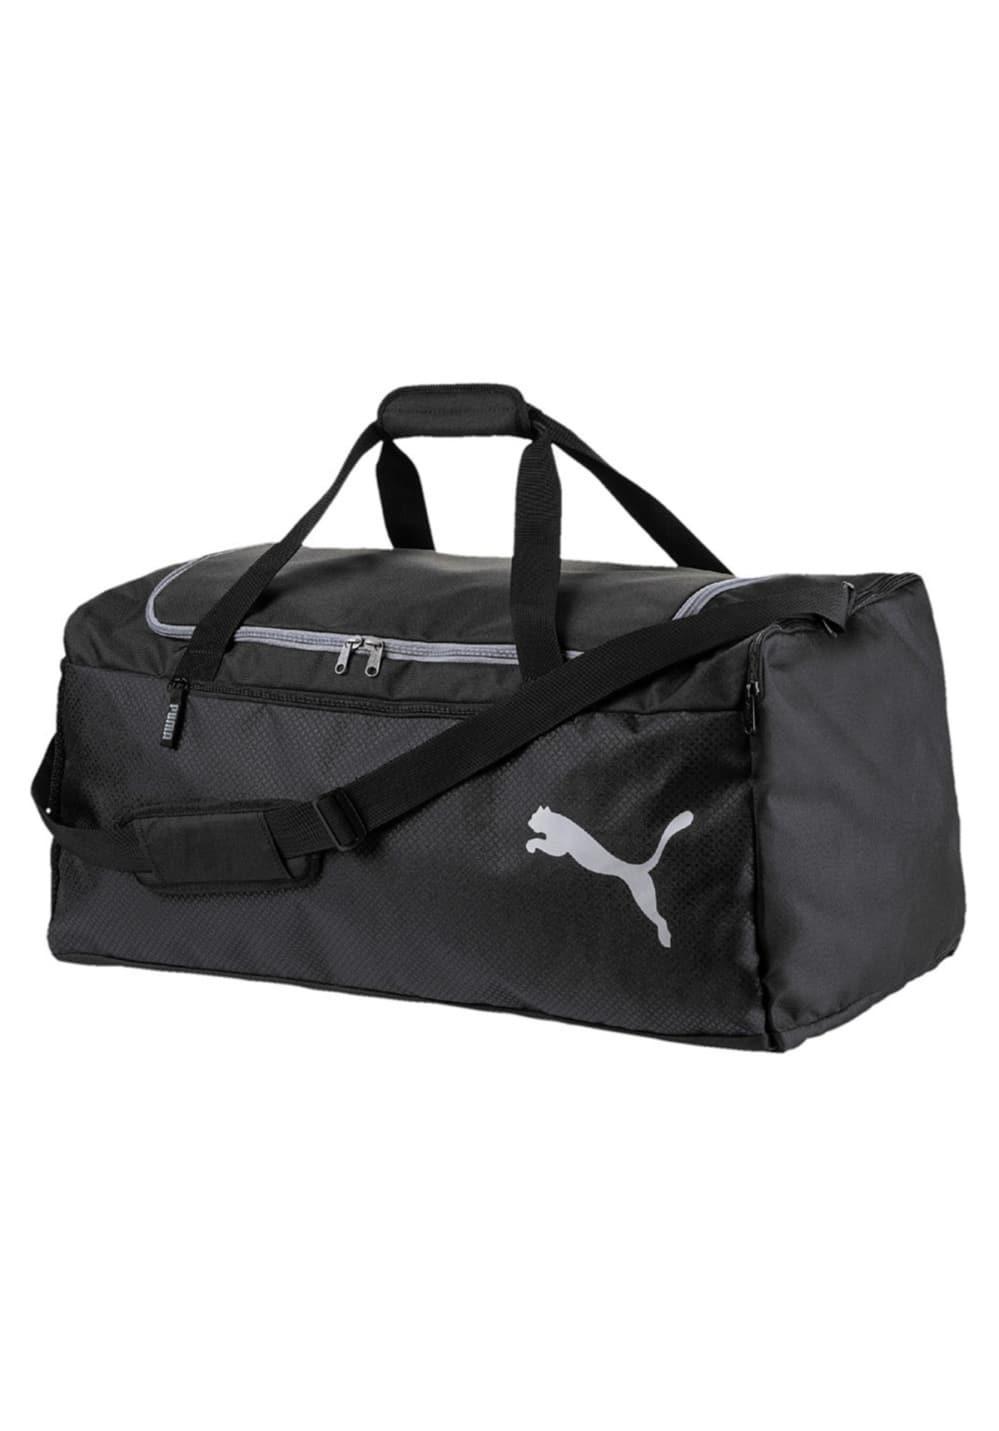 Puma Fundamentals Sports Bag L - Sporttaschen - Schwarz